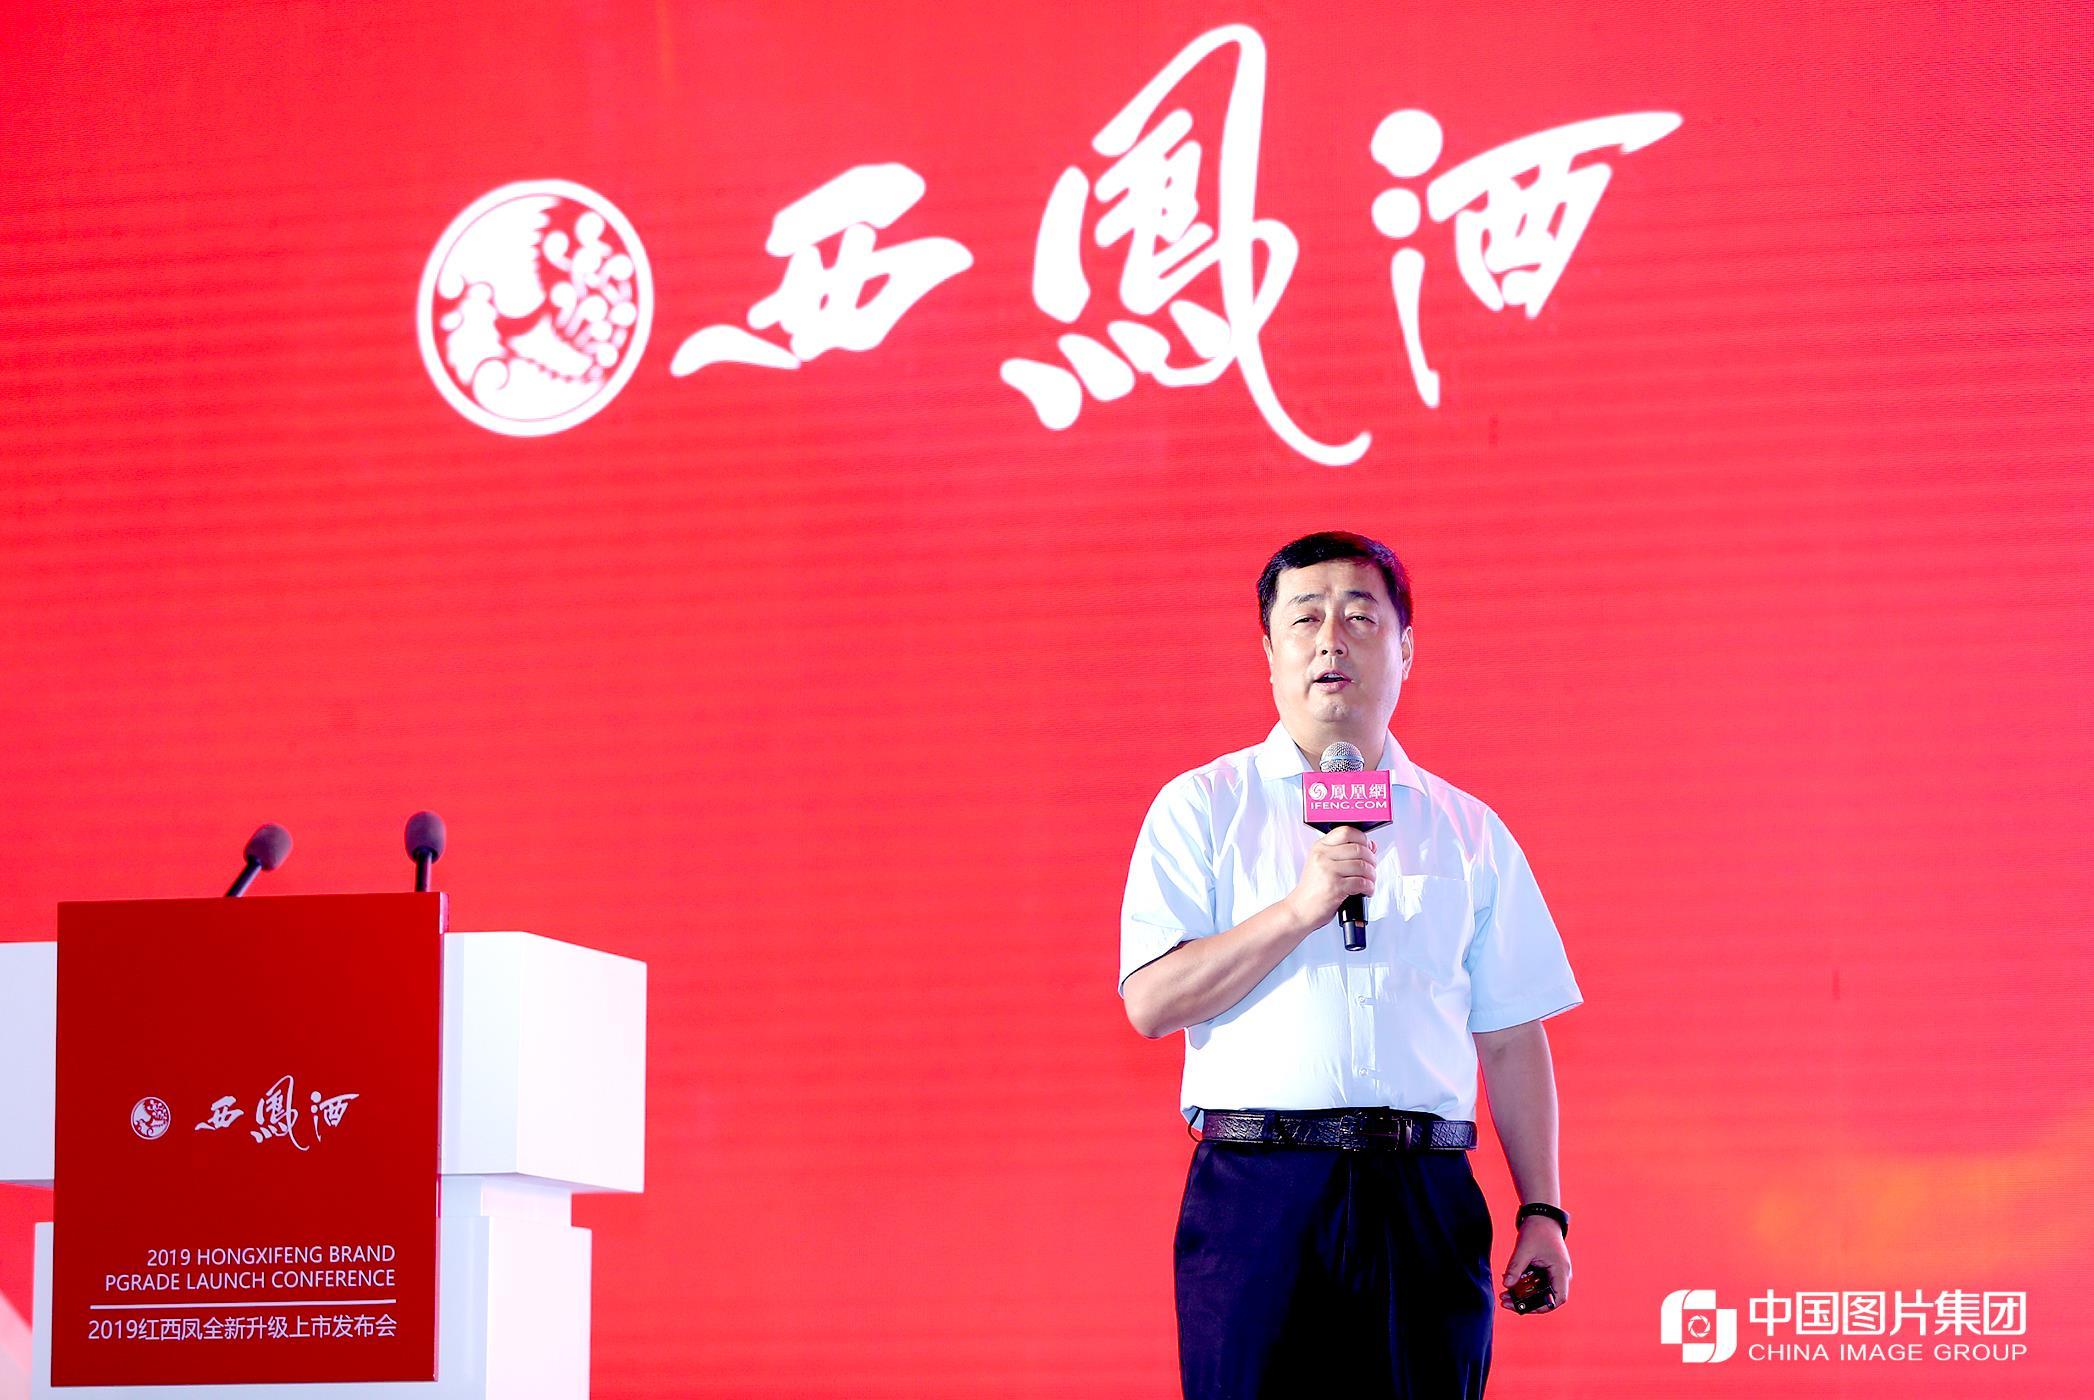 总经理贾智勇做红西凤产品品质发言